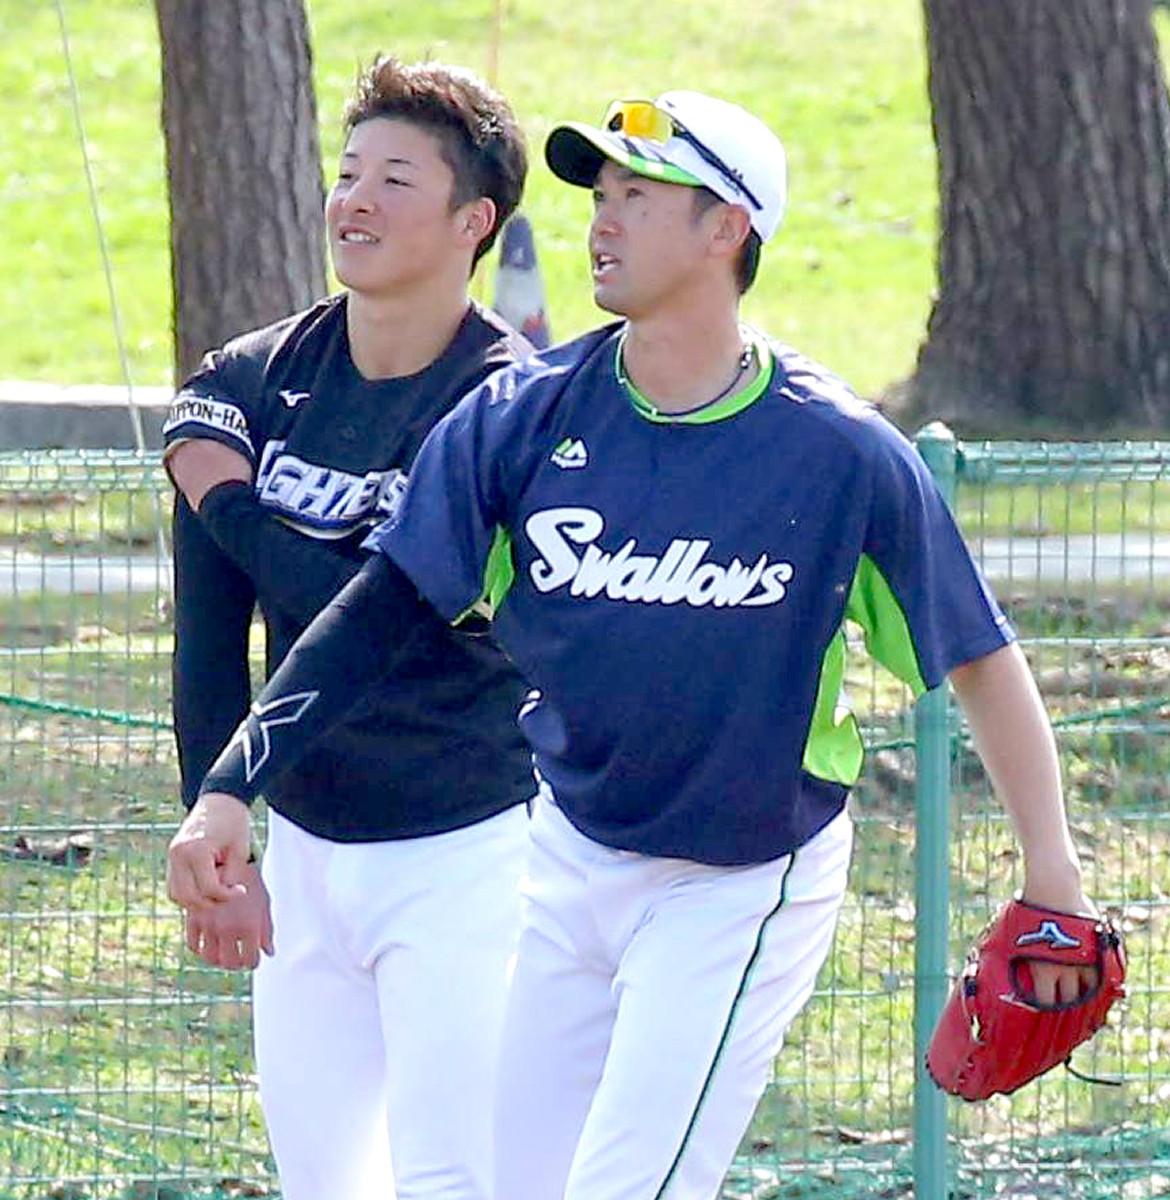 金足農出身でプロ球界唯一の先輩である石山泰稚(右)に挨拶した吉田輝星(左)